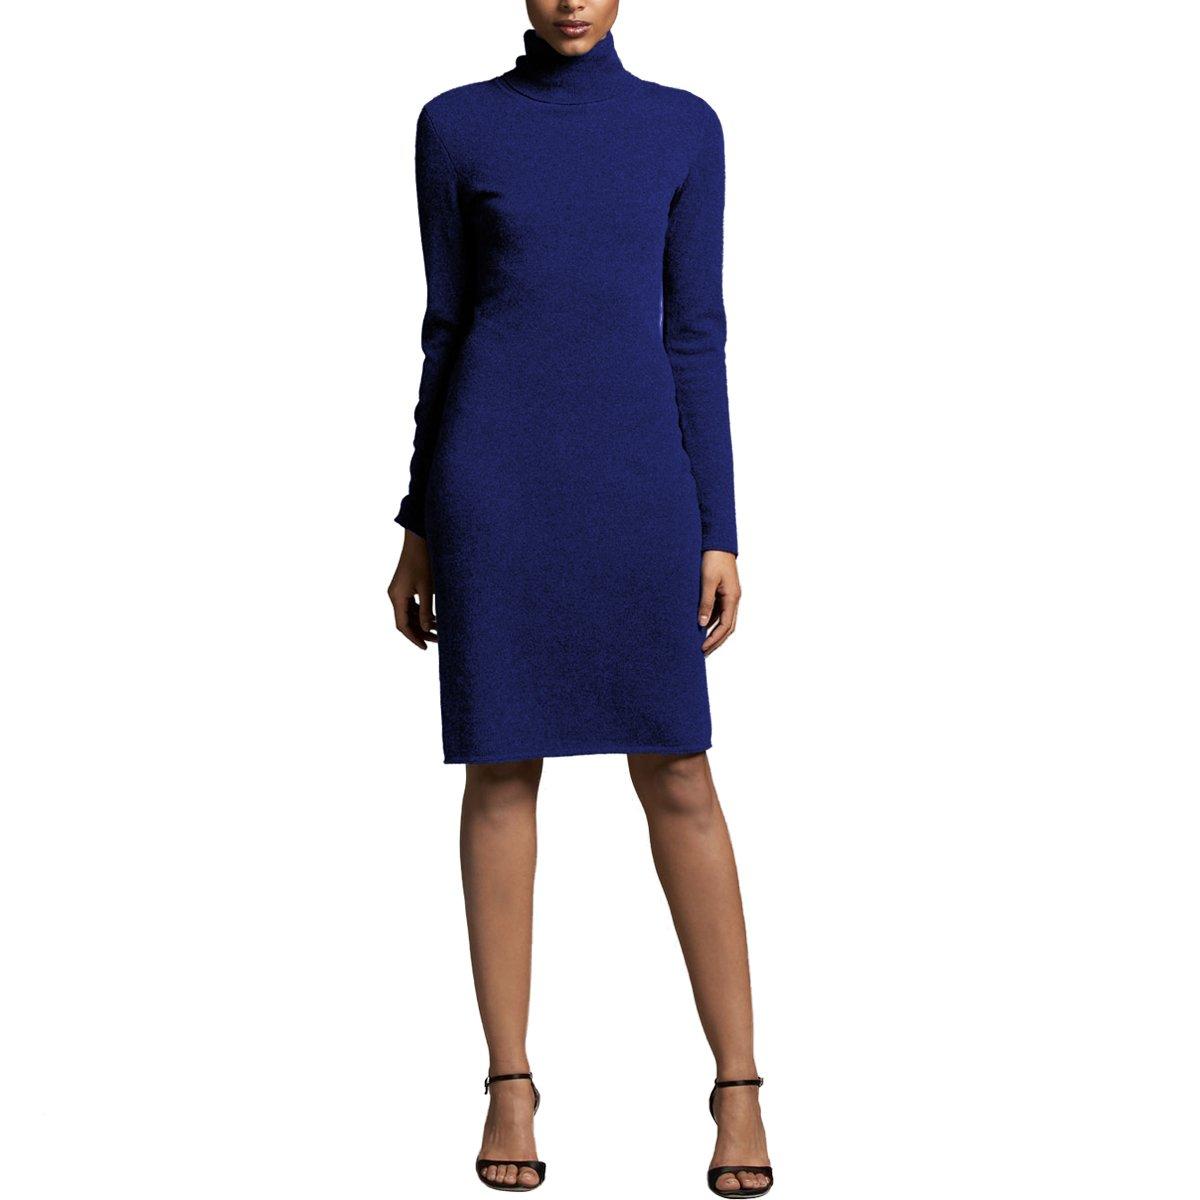 Parisbonbon Women's 100% Cashmere Turtleneck Dress Color Dark Blue Size XS